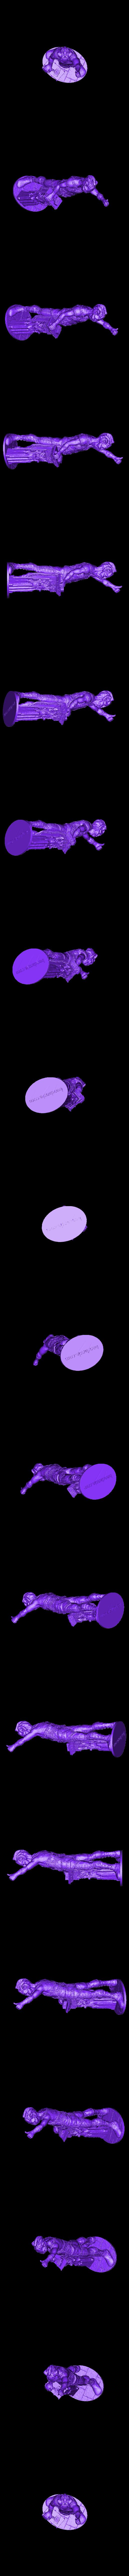 BLACKSMITH_Low_Res.stl Télécharger fichier STL gratuit Nuroh Gribsek - Maître forgeron • Objet pour impression 3D, bendansie